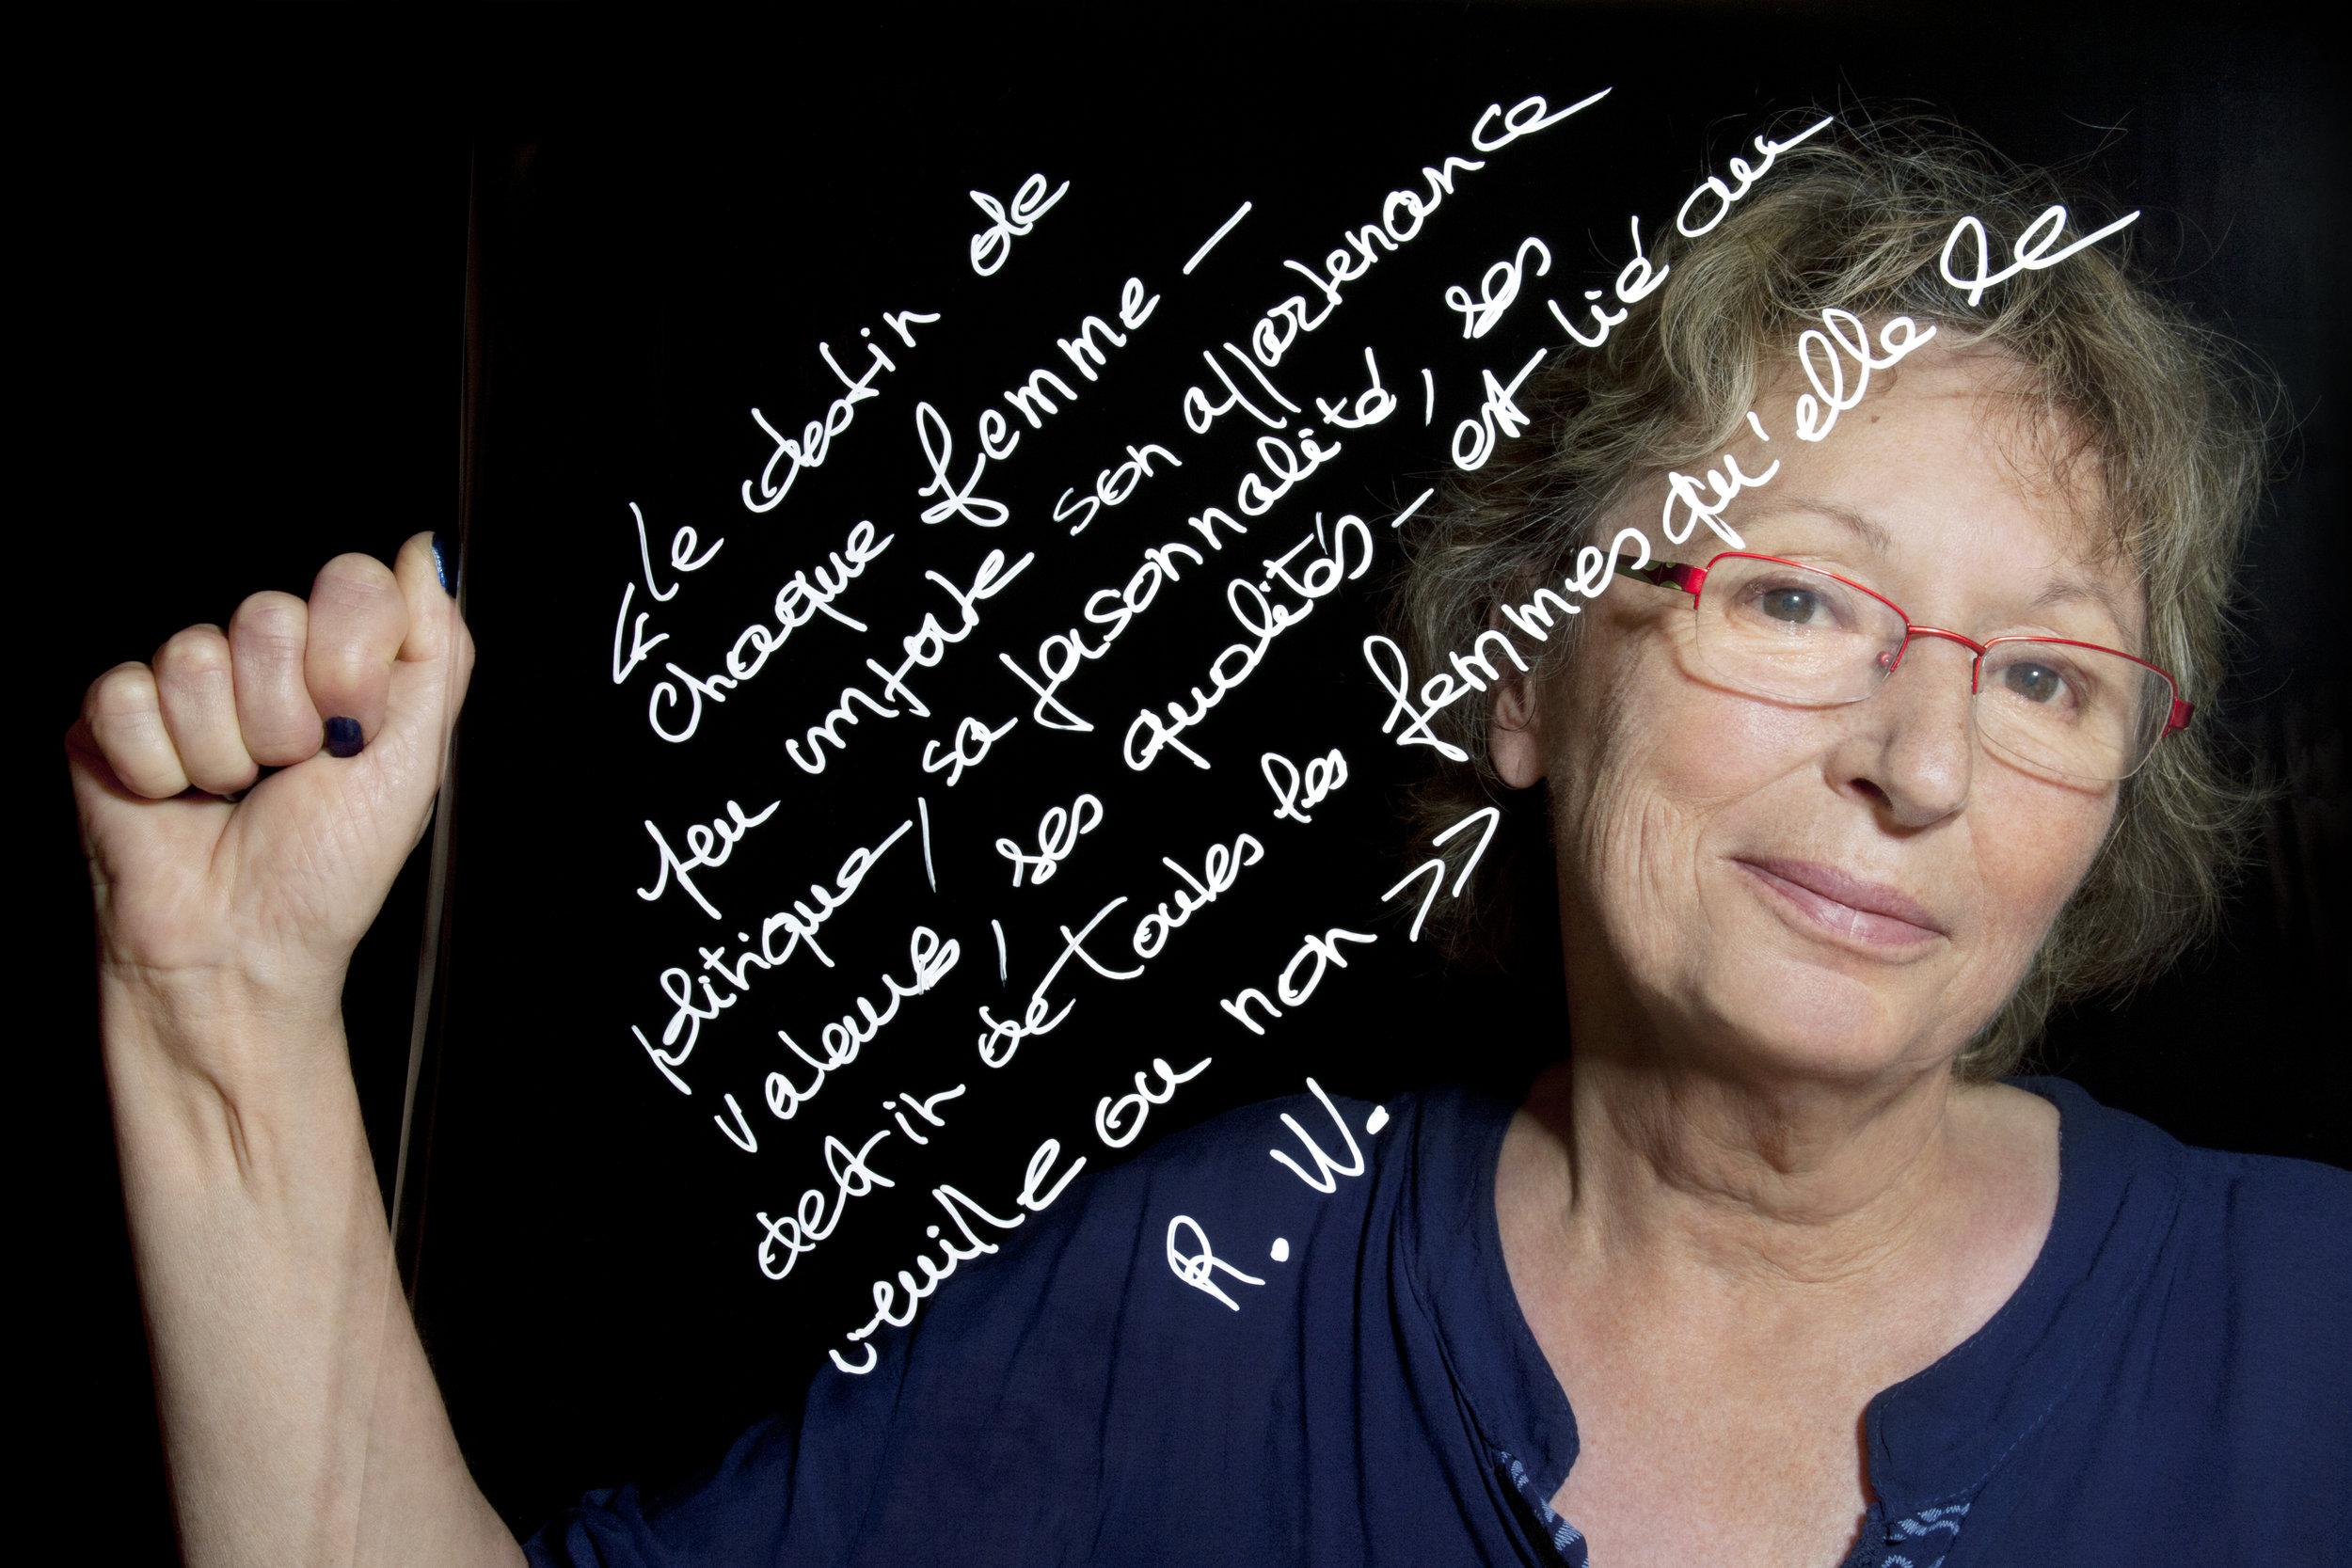 """Anne-Marie Viossat ,militante, activiste féministe et musicienne.   """"Le destin de chaque femme - peu importe son appartenance politique, sa personnalité, ses valeurs, ses qualités - est lié au destin de toutes les femmes qu'elle le veuille ou non""""  . Extrait d'un texte de conférence  """"Le féminisme contemporain dans la culture porno: ni le playboy de papa, ni le féminisme de maman"""" de Rebecca Whisnant, auteure et professeur à l'Université de Dayton.© PORTRAIT-PAROLE, 2016, Samantha Barroero (textes) & Susanne Junker (photos)."""